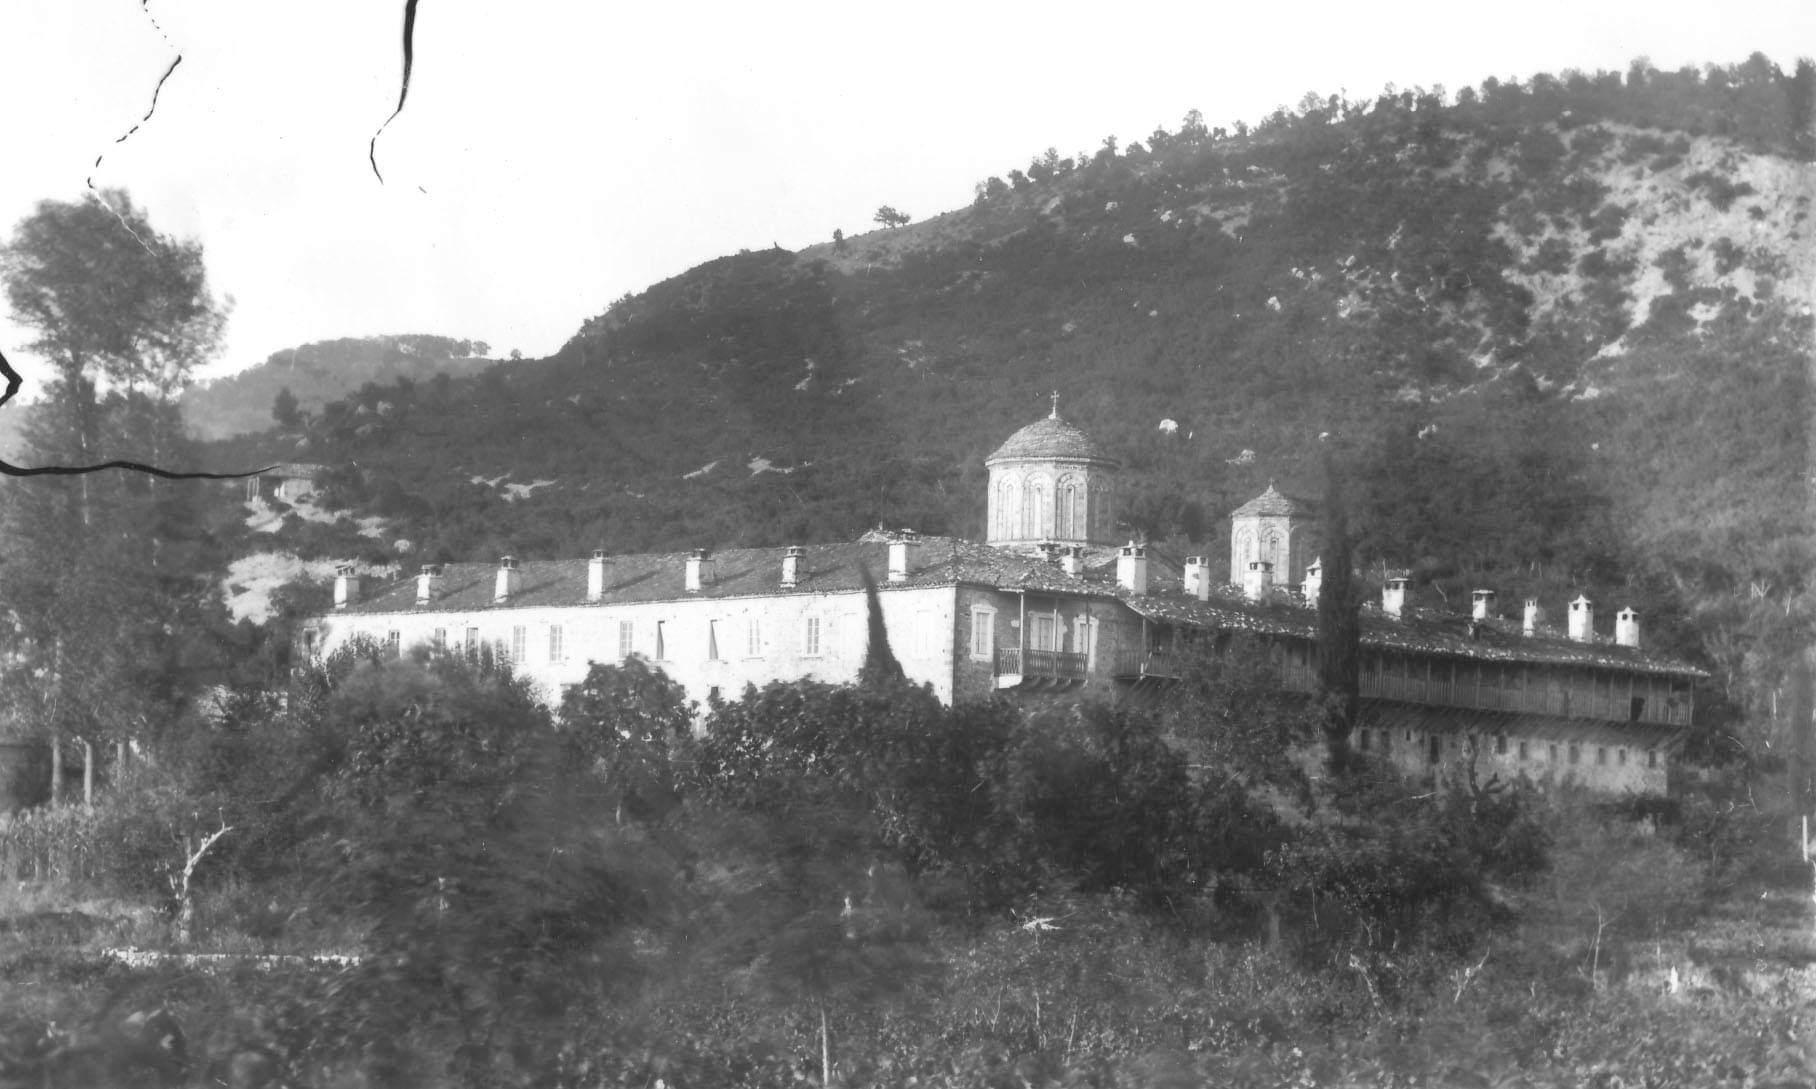 Σπάνια φωτογραφία του παλαιού Μοναστηρίου της Παναγίας στην Τατάρνα στα 1892/93